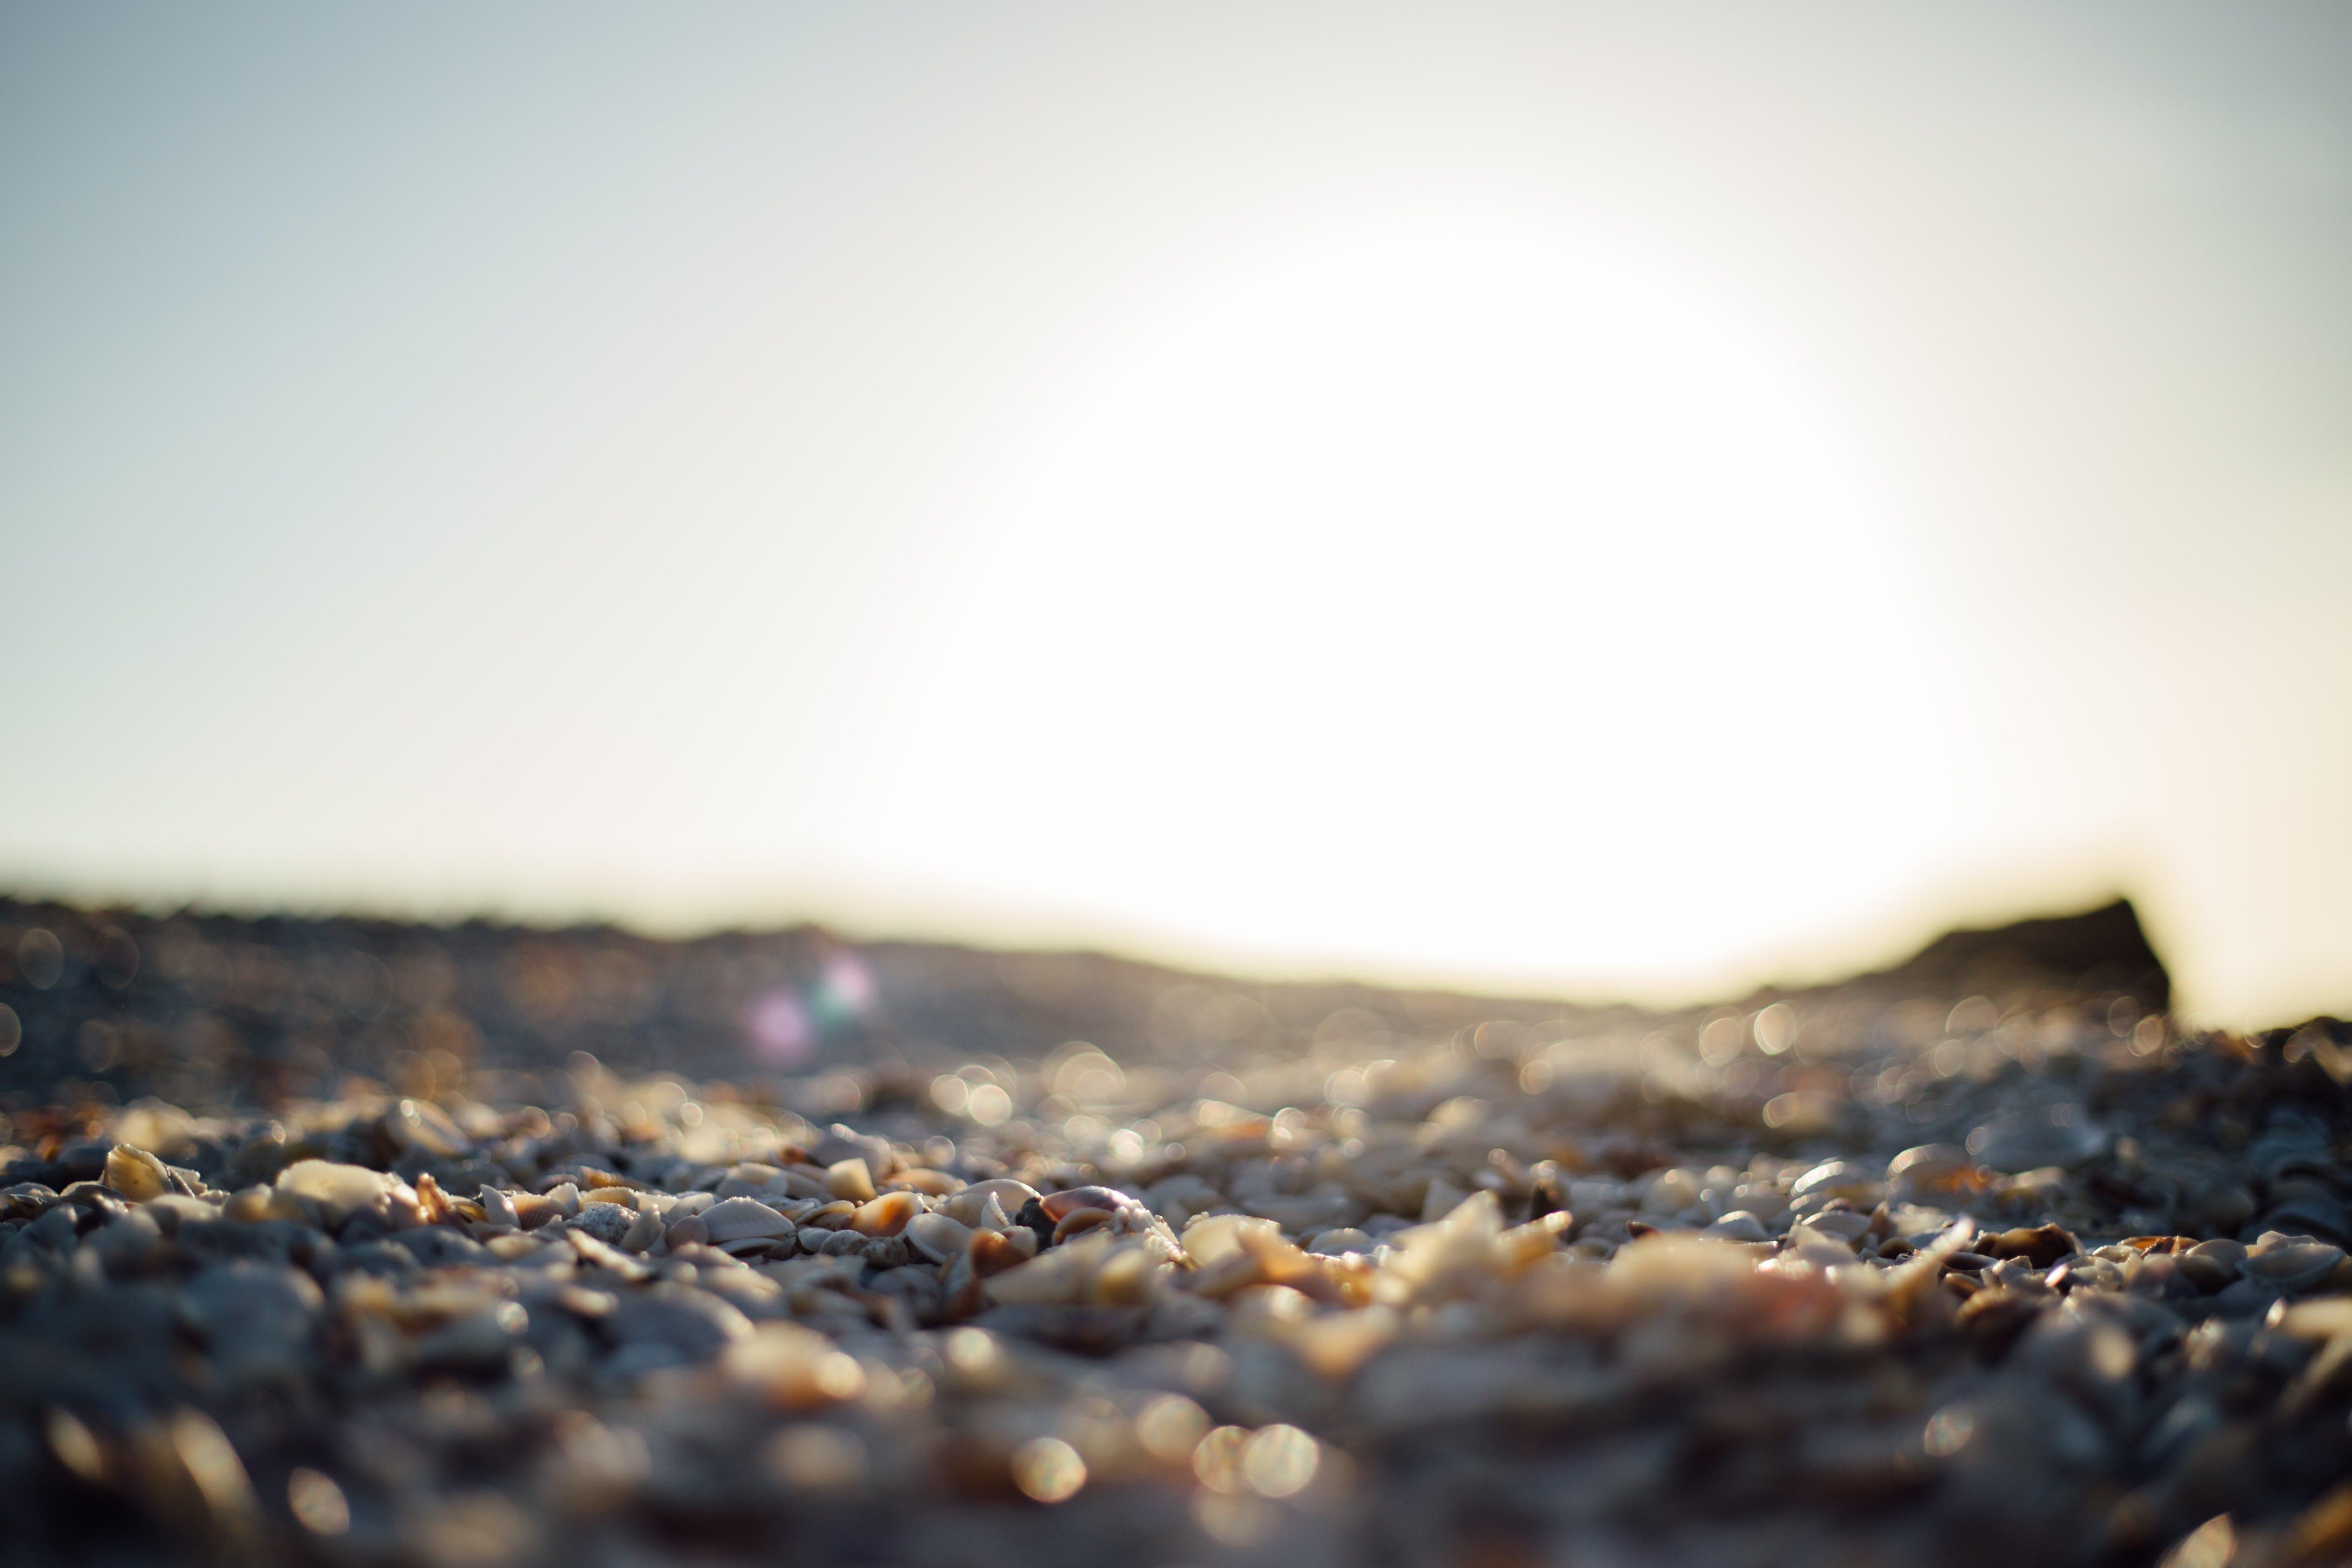 çakıl Taşları, deniz kıyısı, gün batımı, Güneş içeren Ücretsiz stok fotoğraf